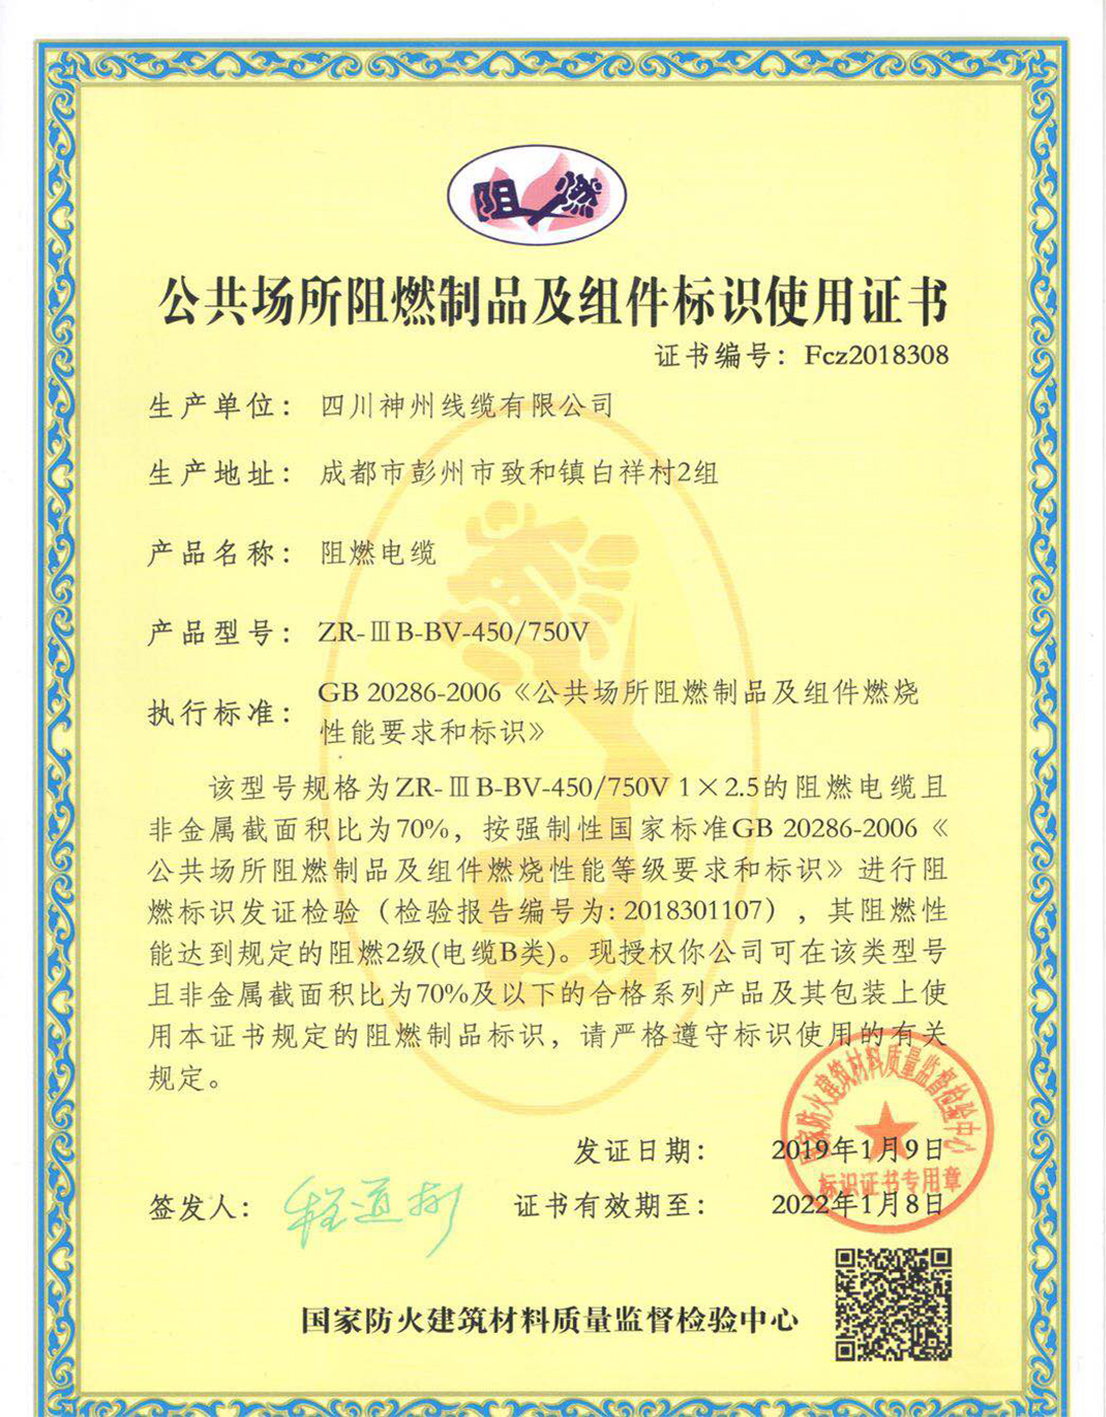 P好证书-bab5e88f-31b9-4ff4-b5ba-614a91d98219